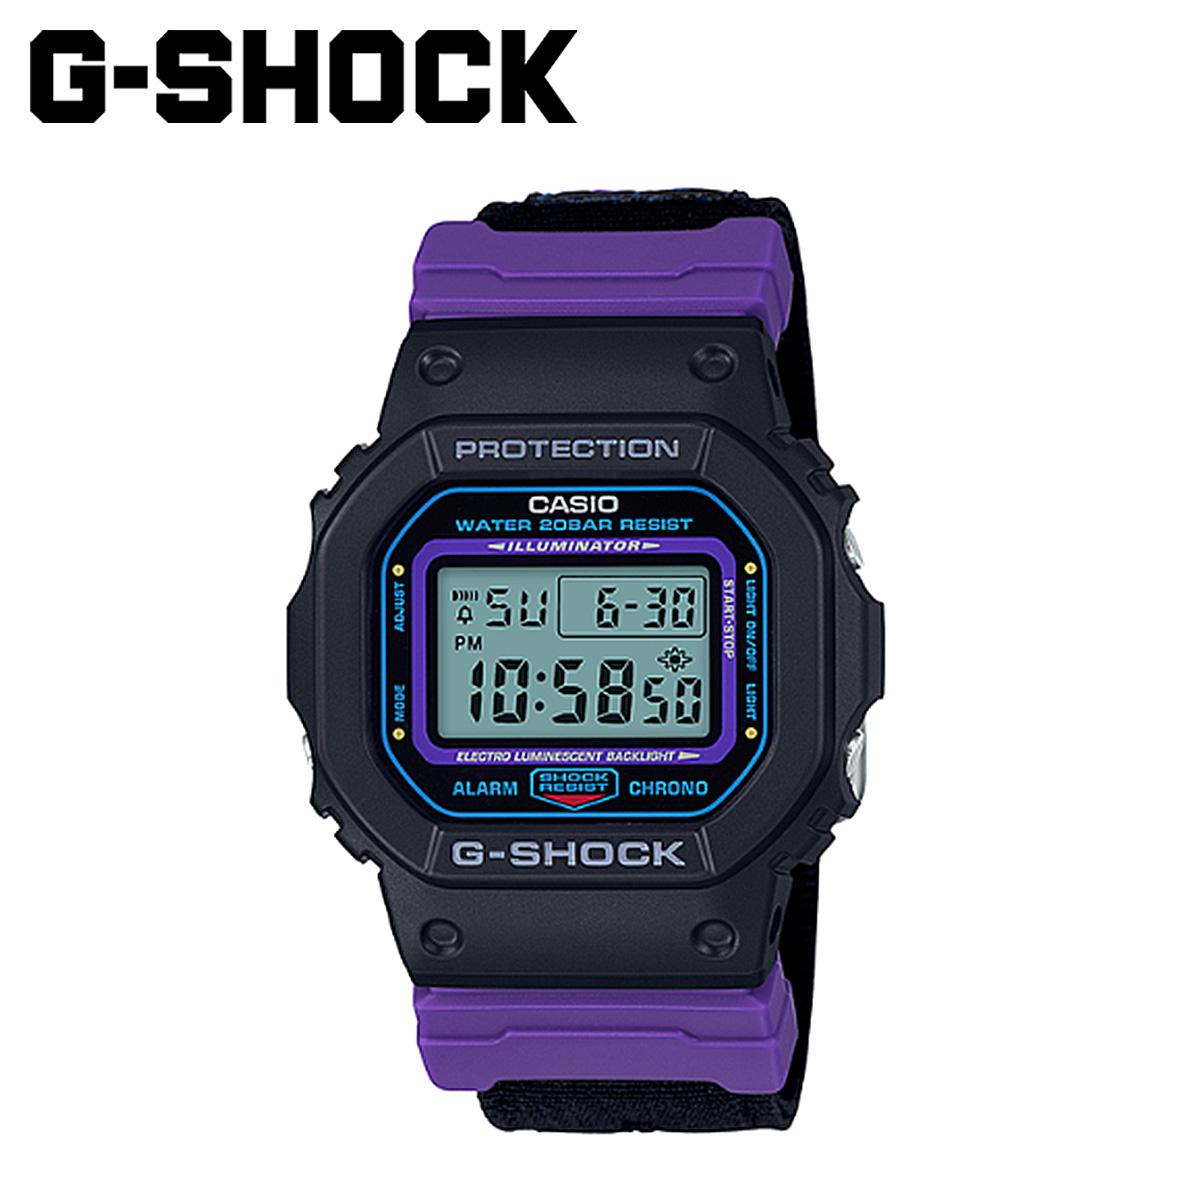 CASIO G-SHOCK カシオ 腕時計 DW-5600THS-1JR THROWBACK 1990S ジーショック Gショック G-ショック メンズ レディース ブラック 黒